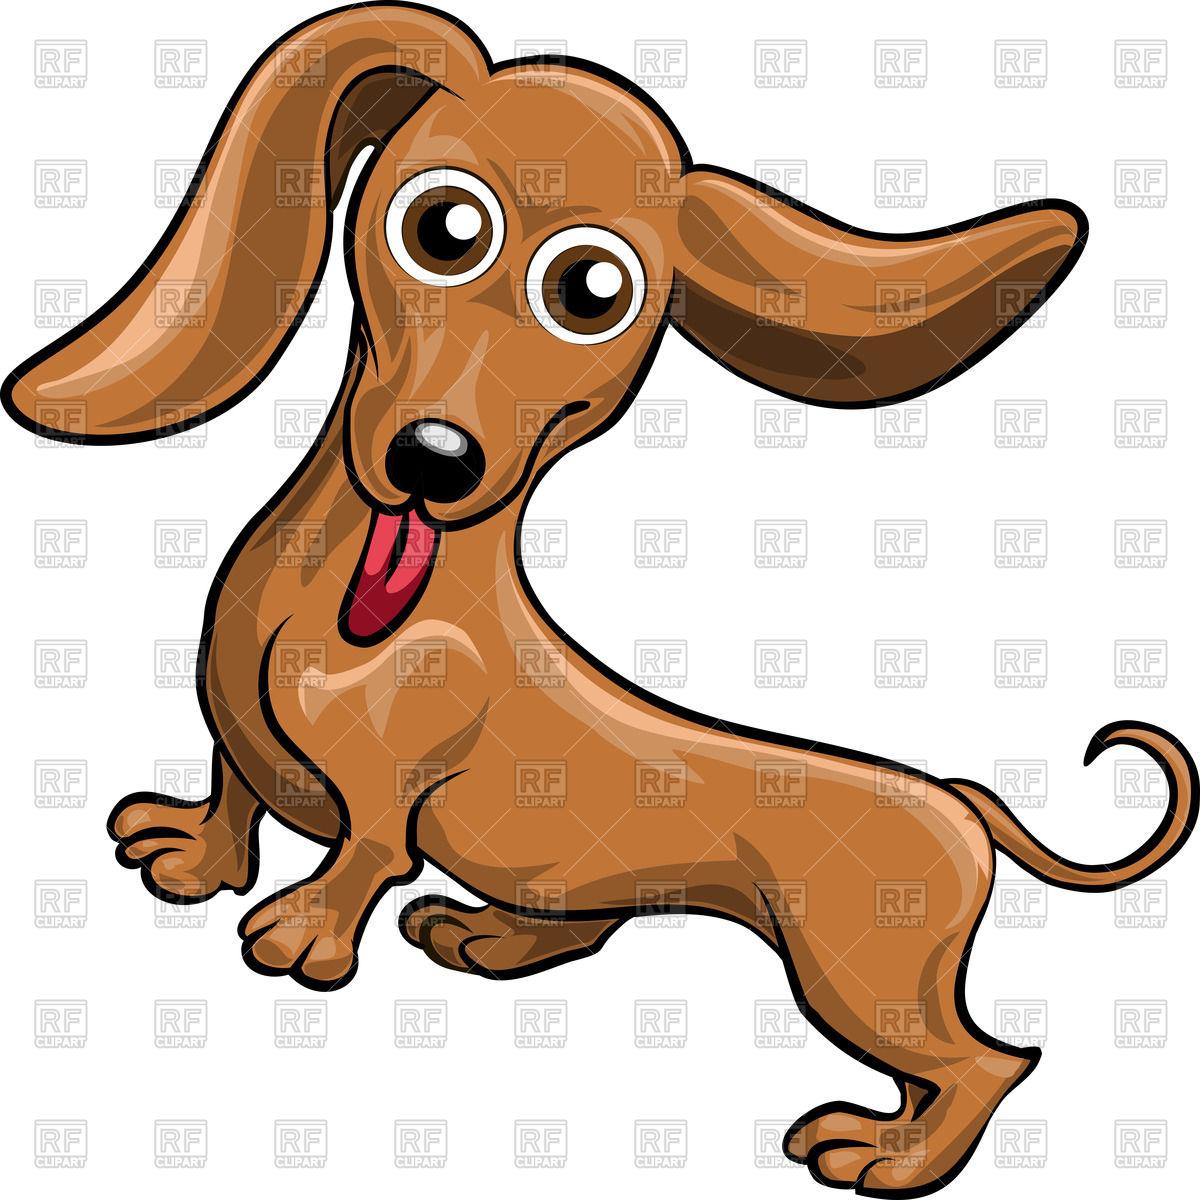 Dachshund clipart cute dog - Cute Dachshund PNG